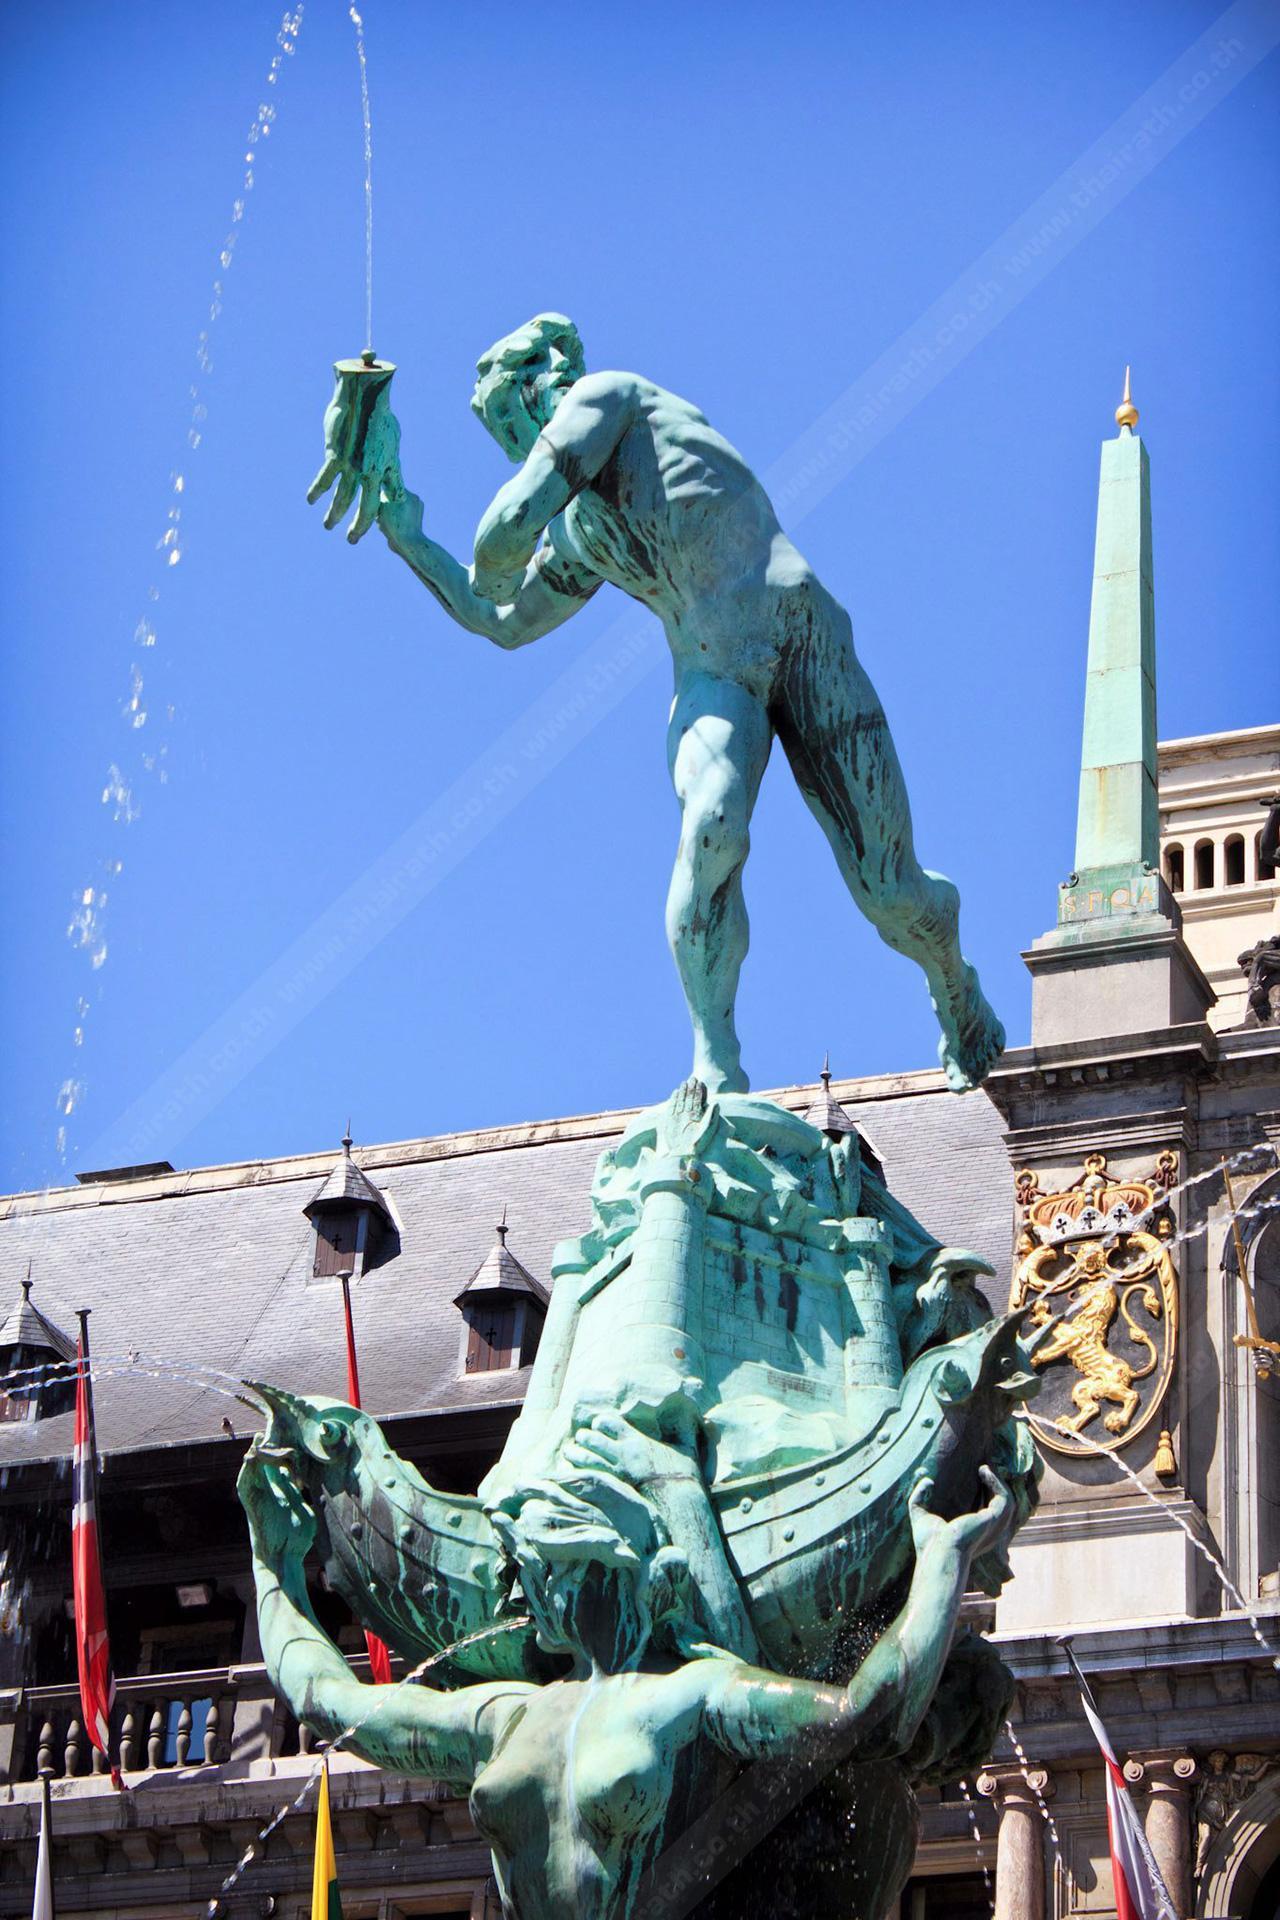 รูปปั้นทหารโรมันซิลวิอุส บราโบ กำลังเขวี้ยงมือยักษ์ลงแม่น้ำ.